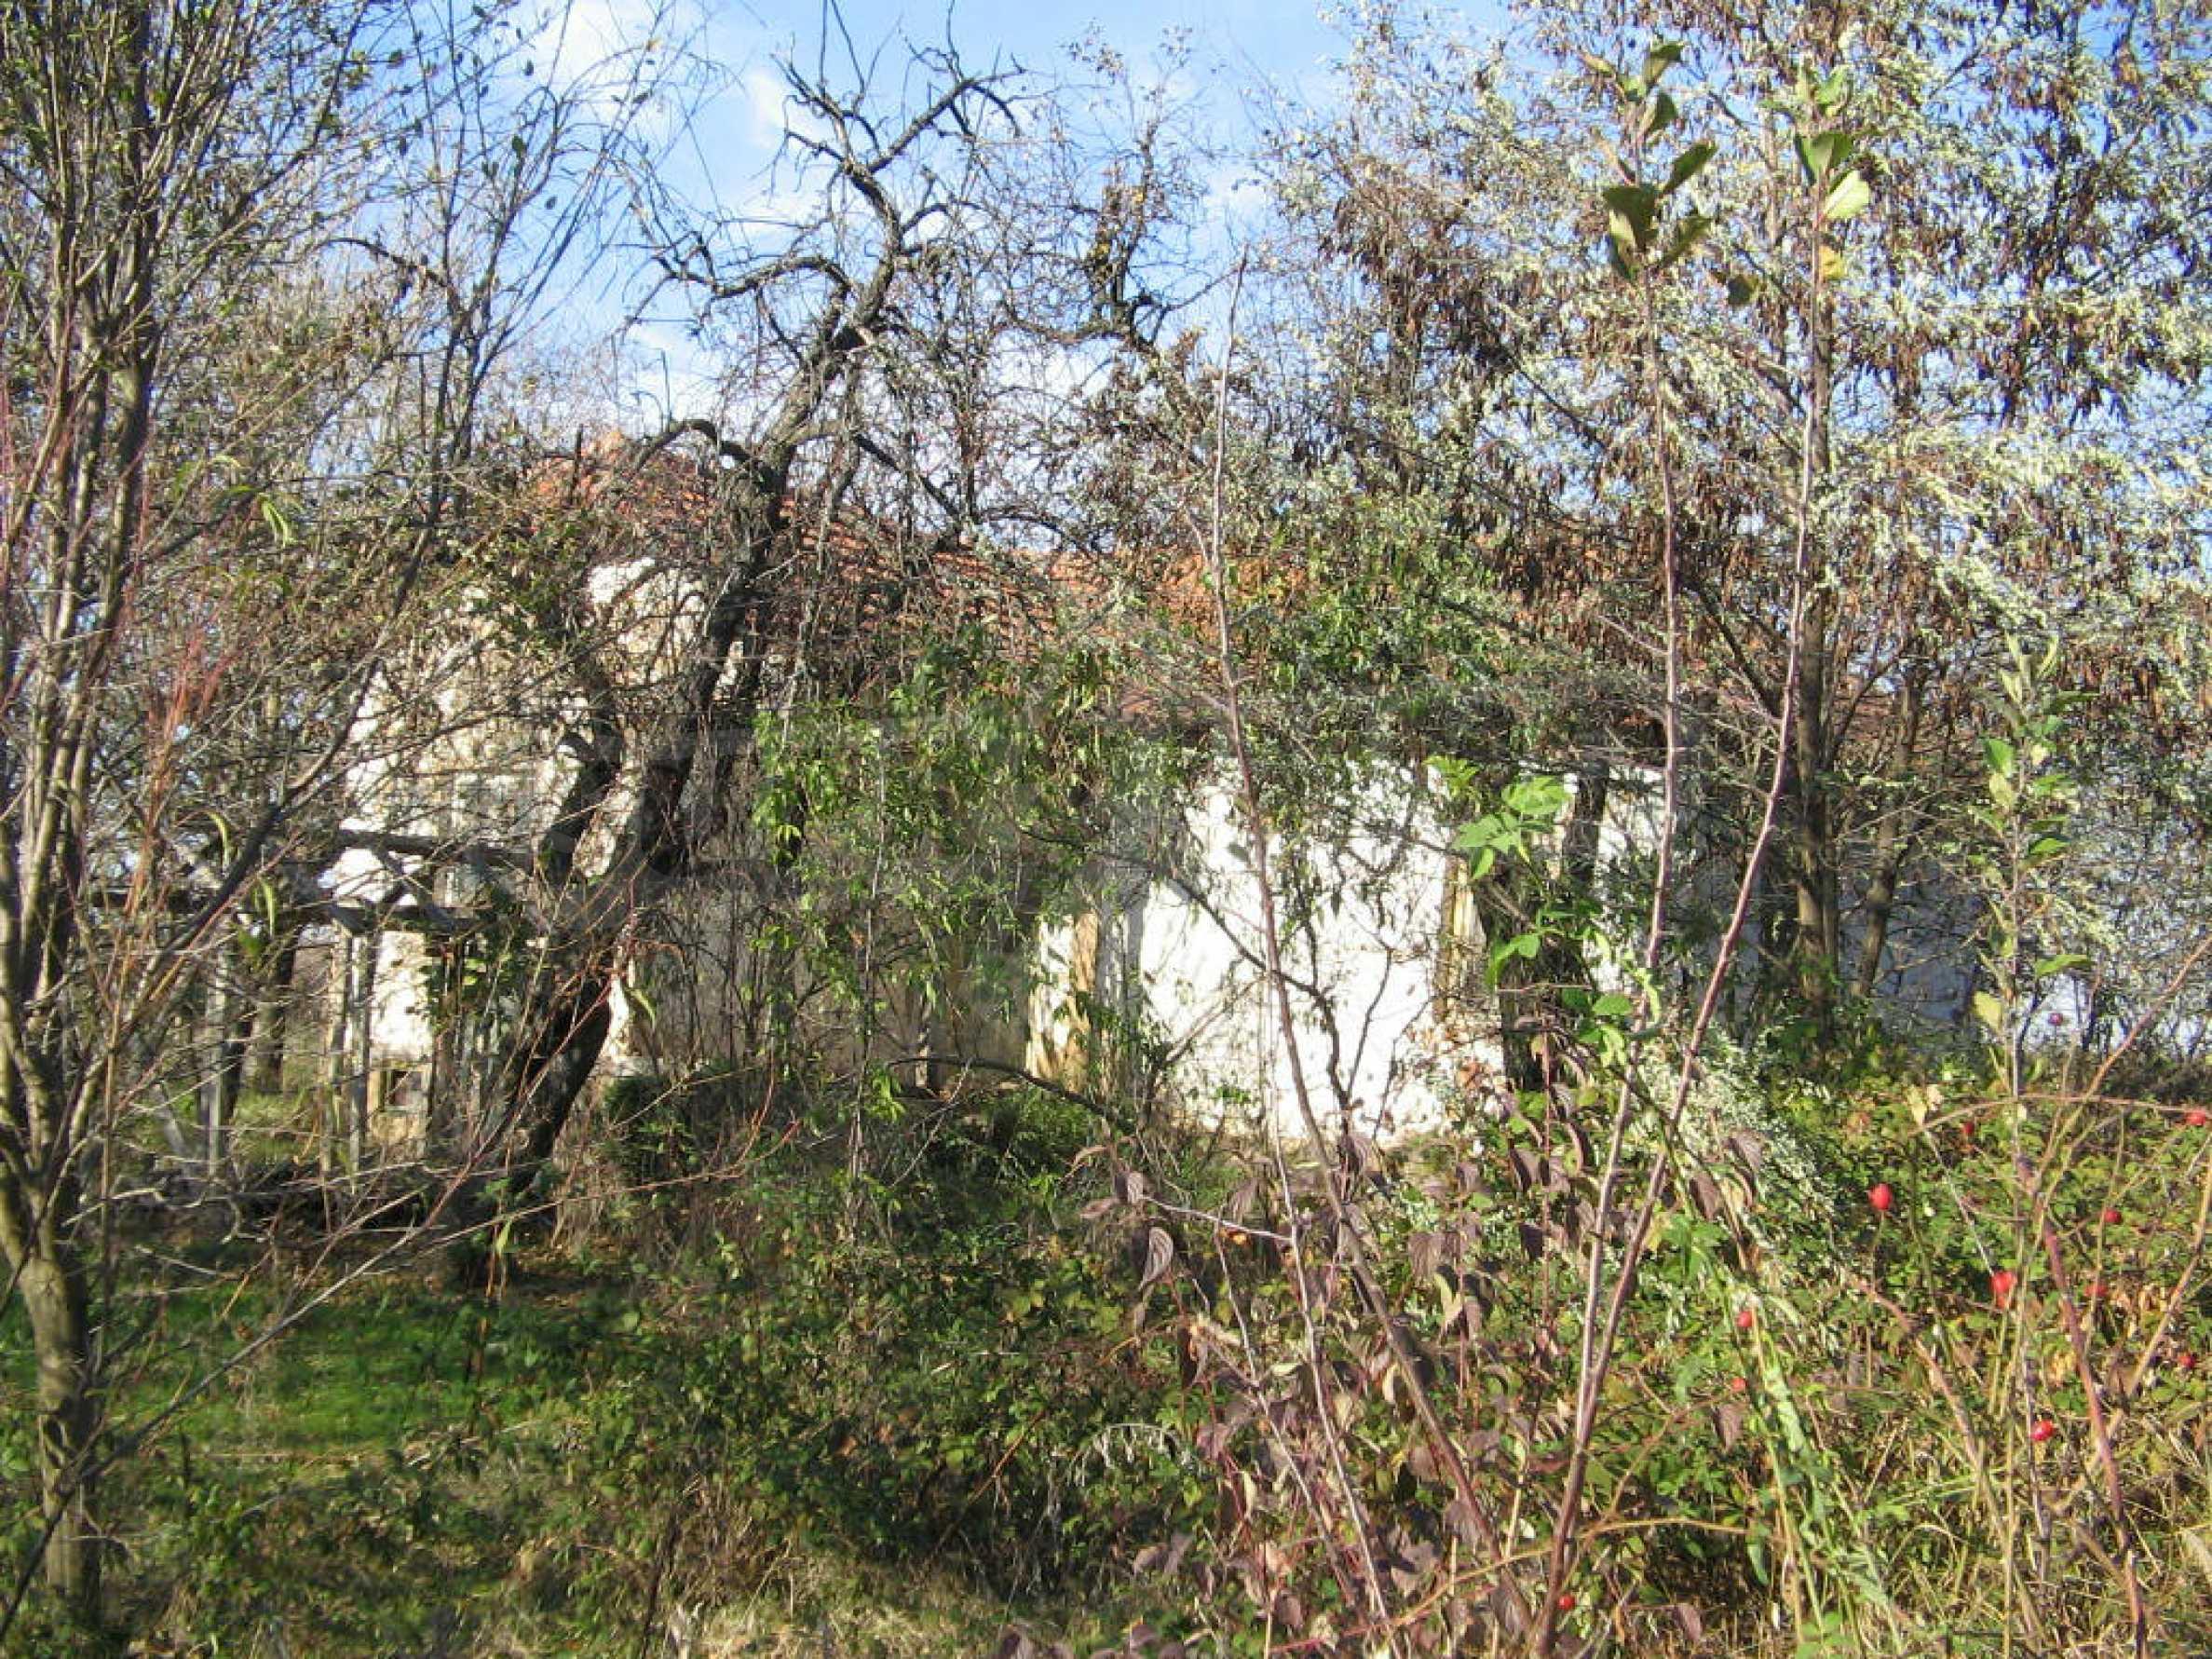 Einfamilienhaus mit Hof in der Nähe von Montana 16